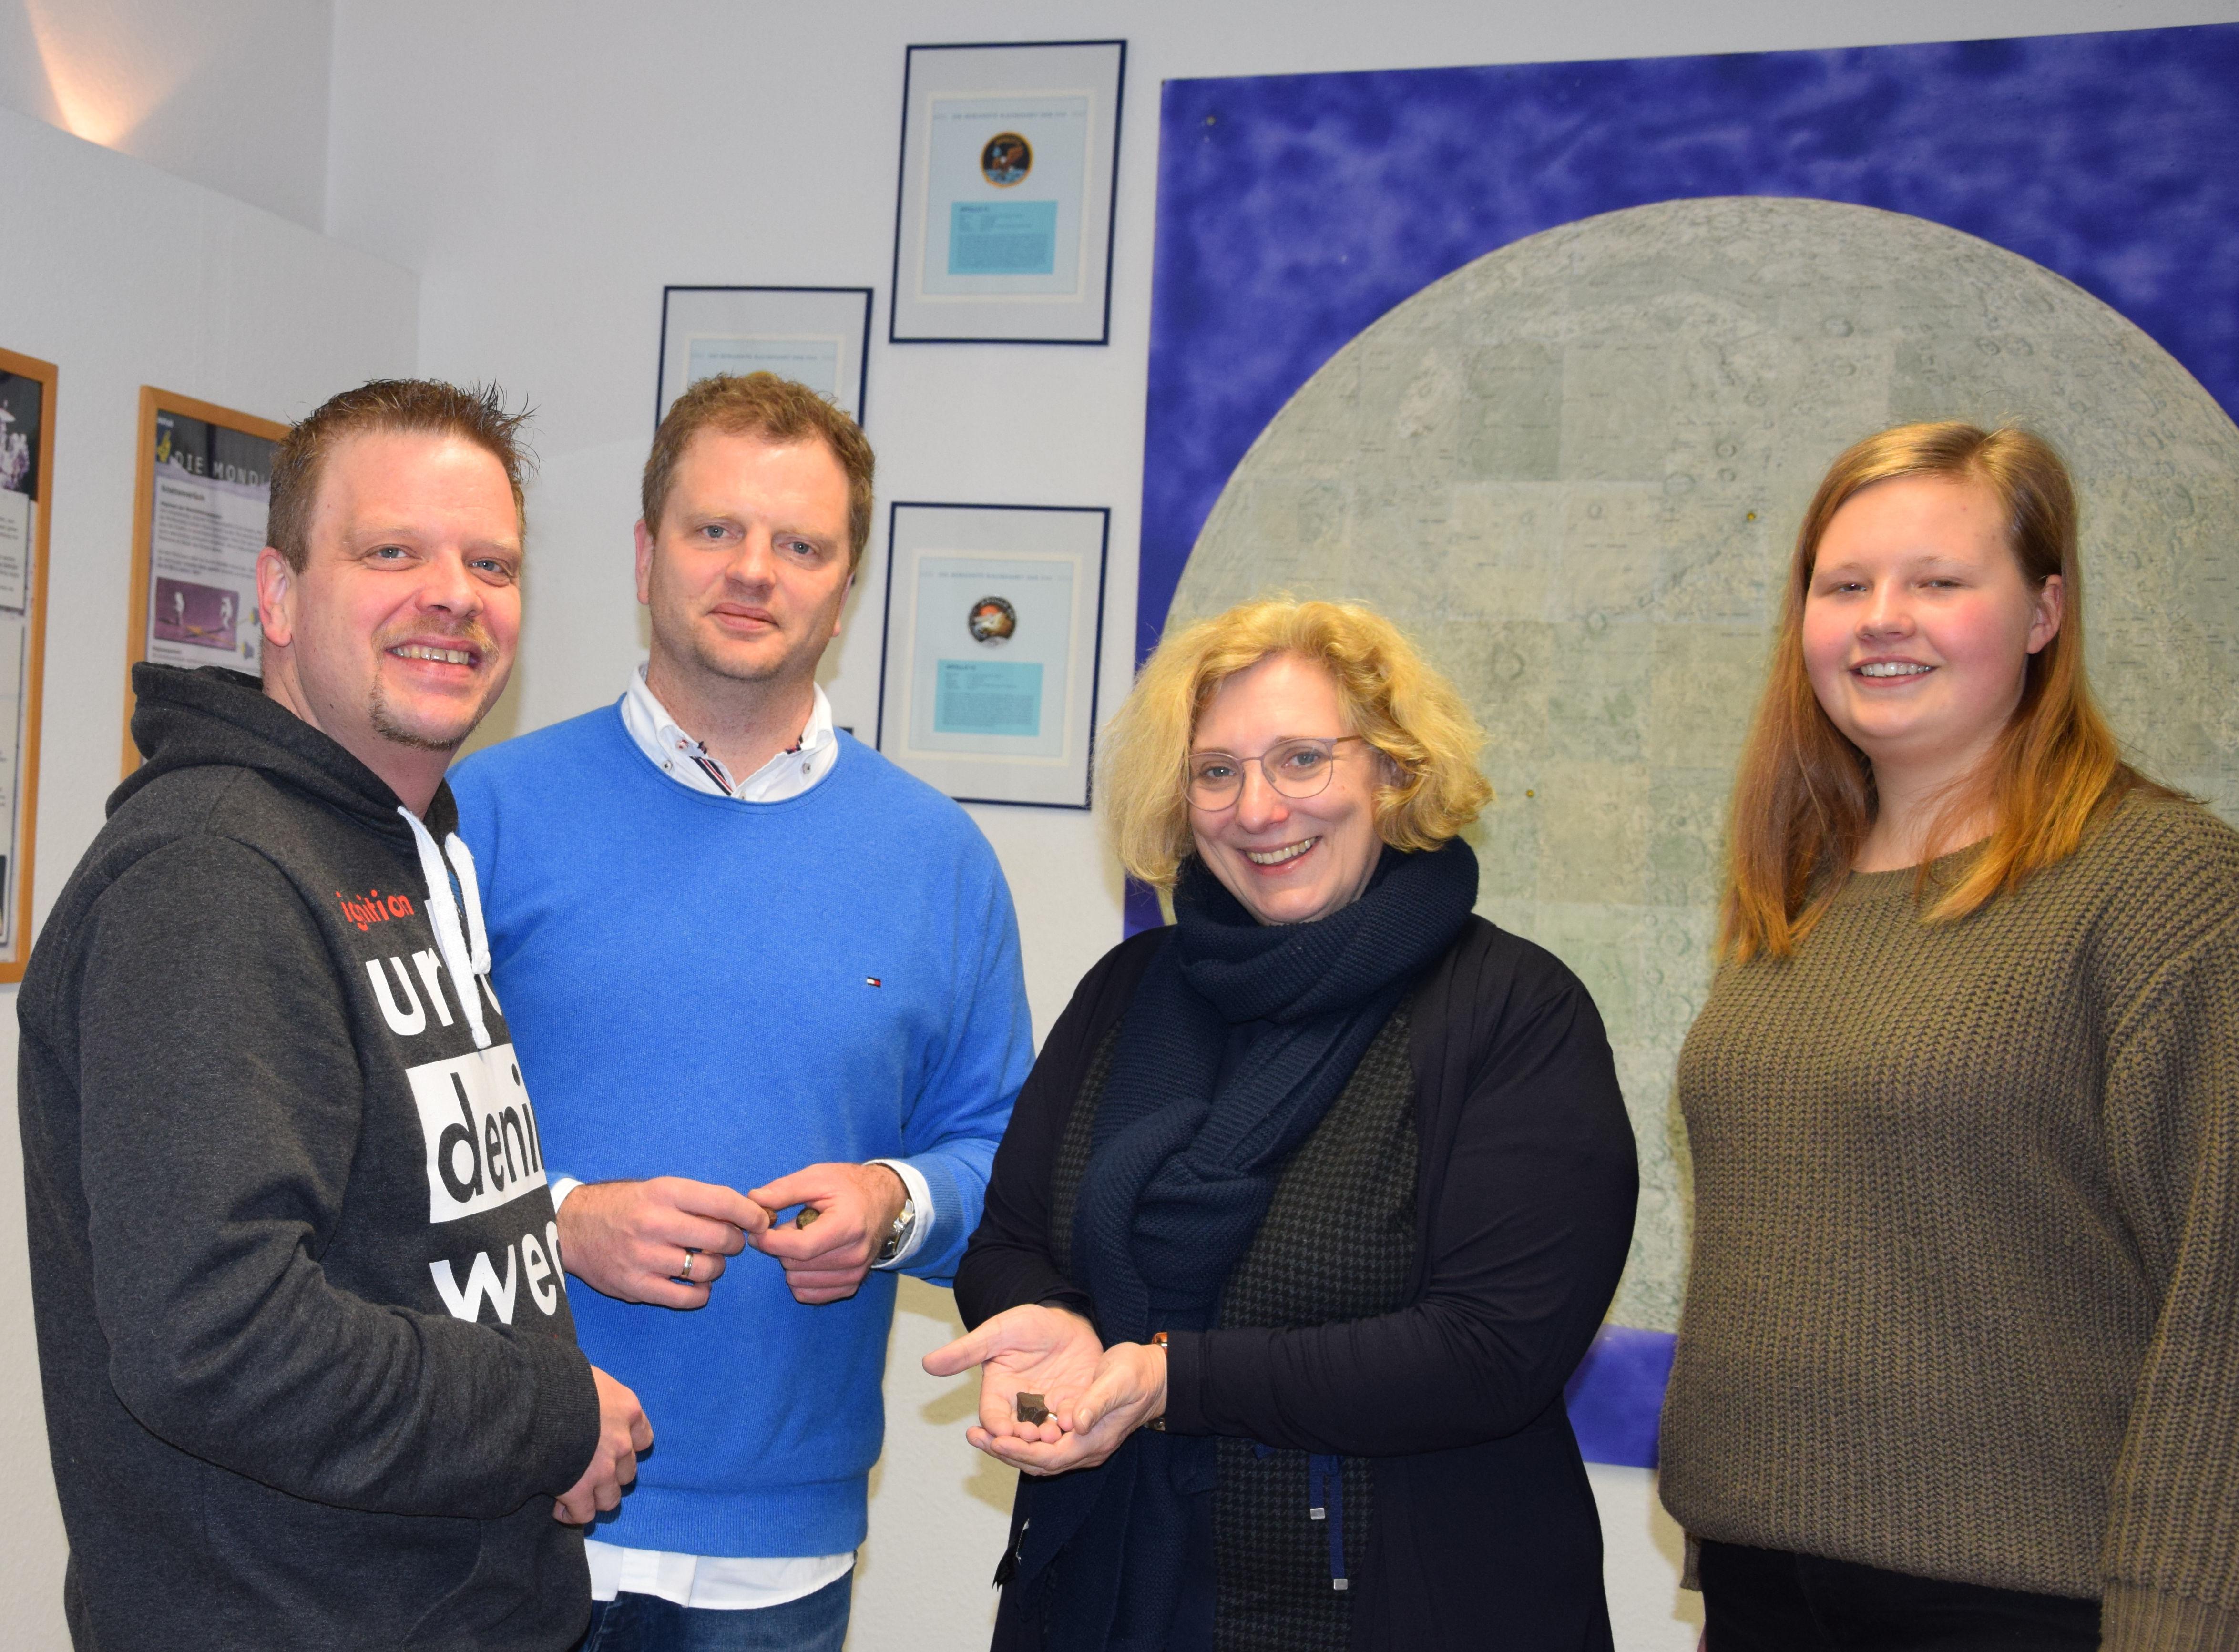 Thorsten Lohouis, Christoph Lohouis, Dr. Daniela De Ridder und Esther Brünemeyer